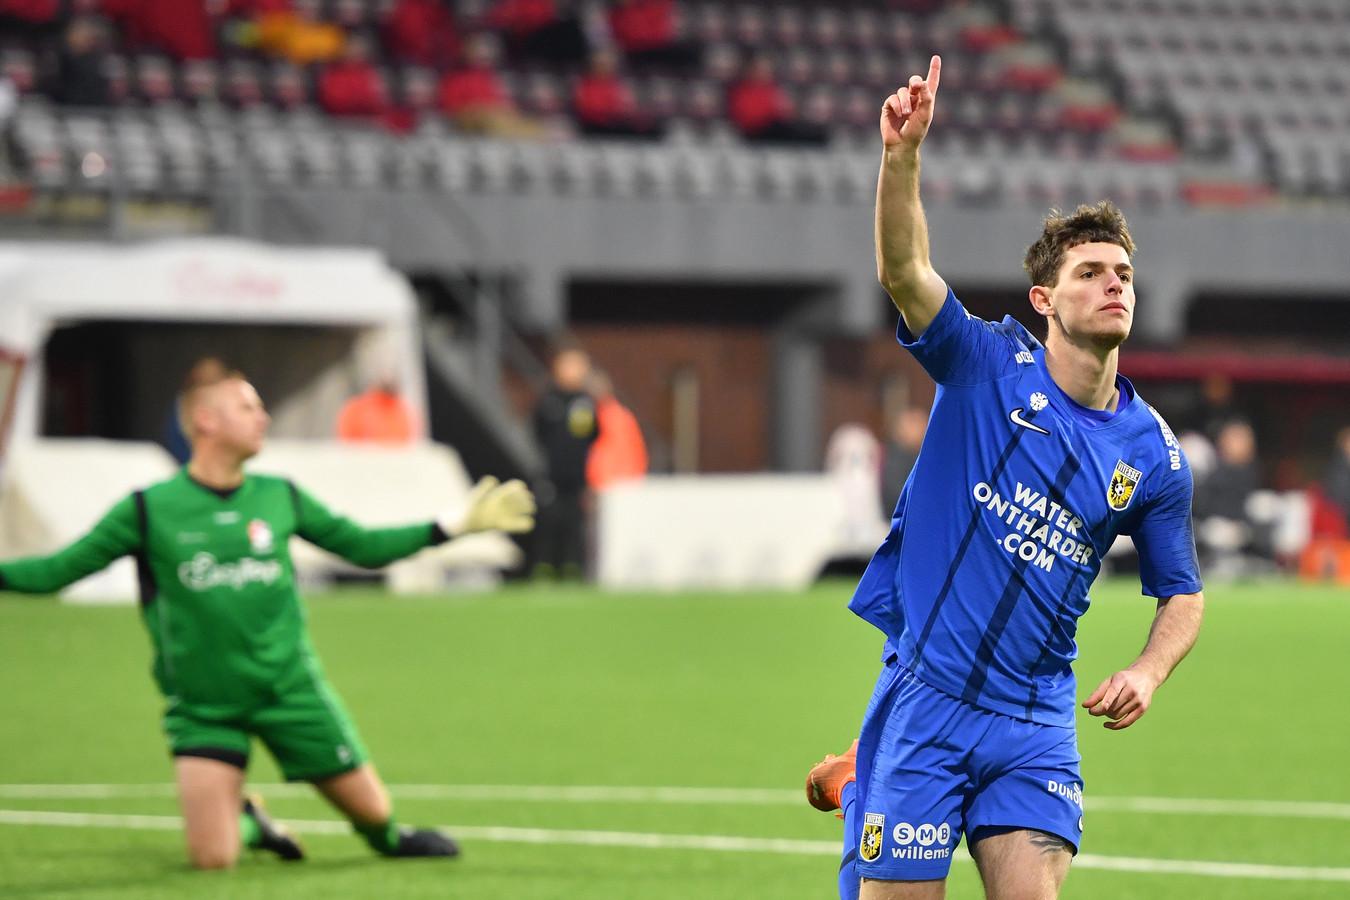 Thomas Buitink, die zaterdag voor het eerst in dertien duels weer in de basis stond bij Vitesse, opent tegen FC Emmen de score. De Nijkerker staat nadrukkelijk in de belangstelling van PEC.